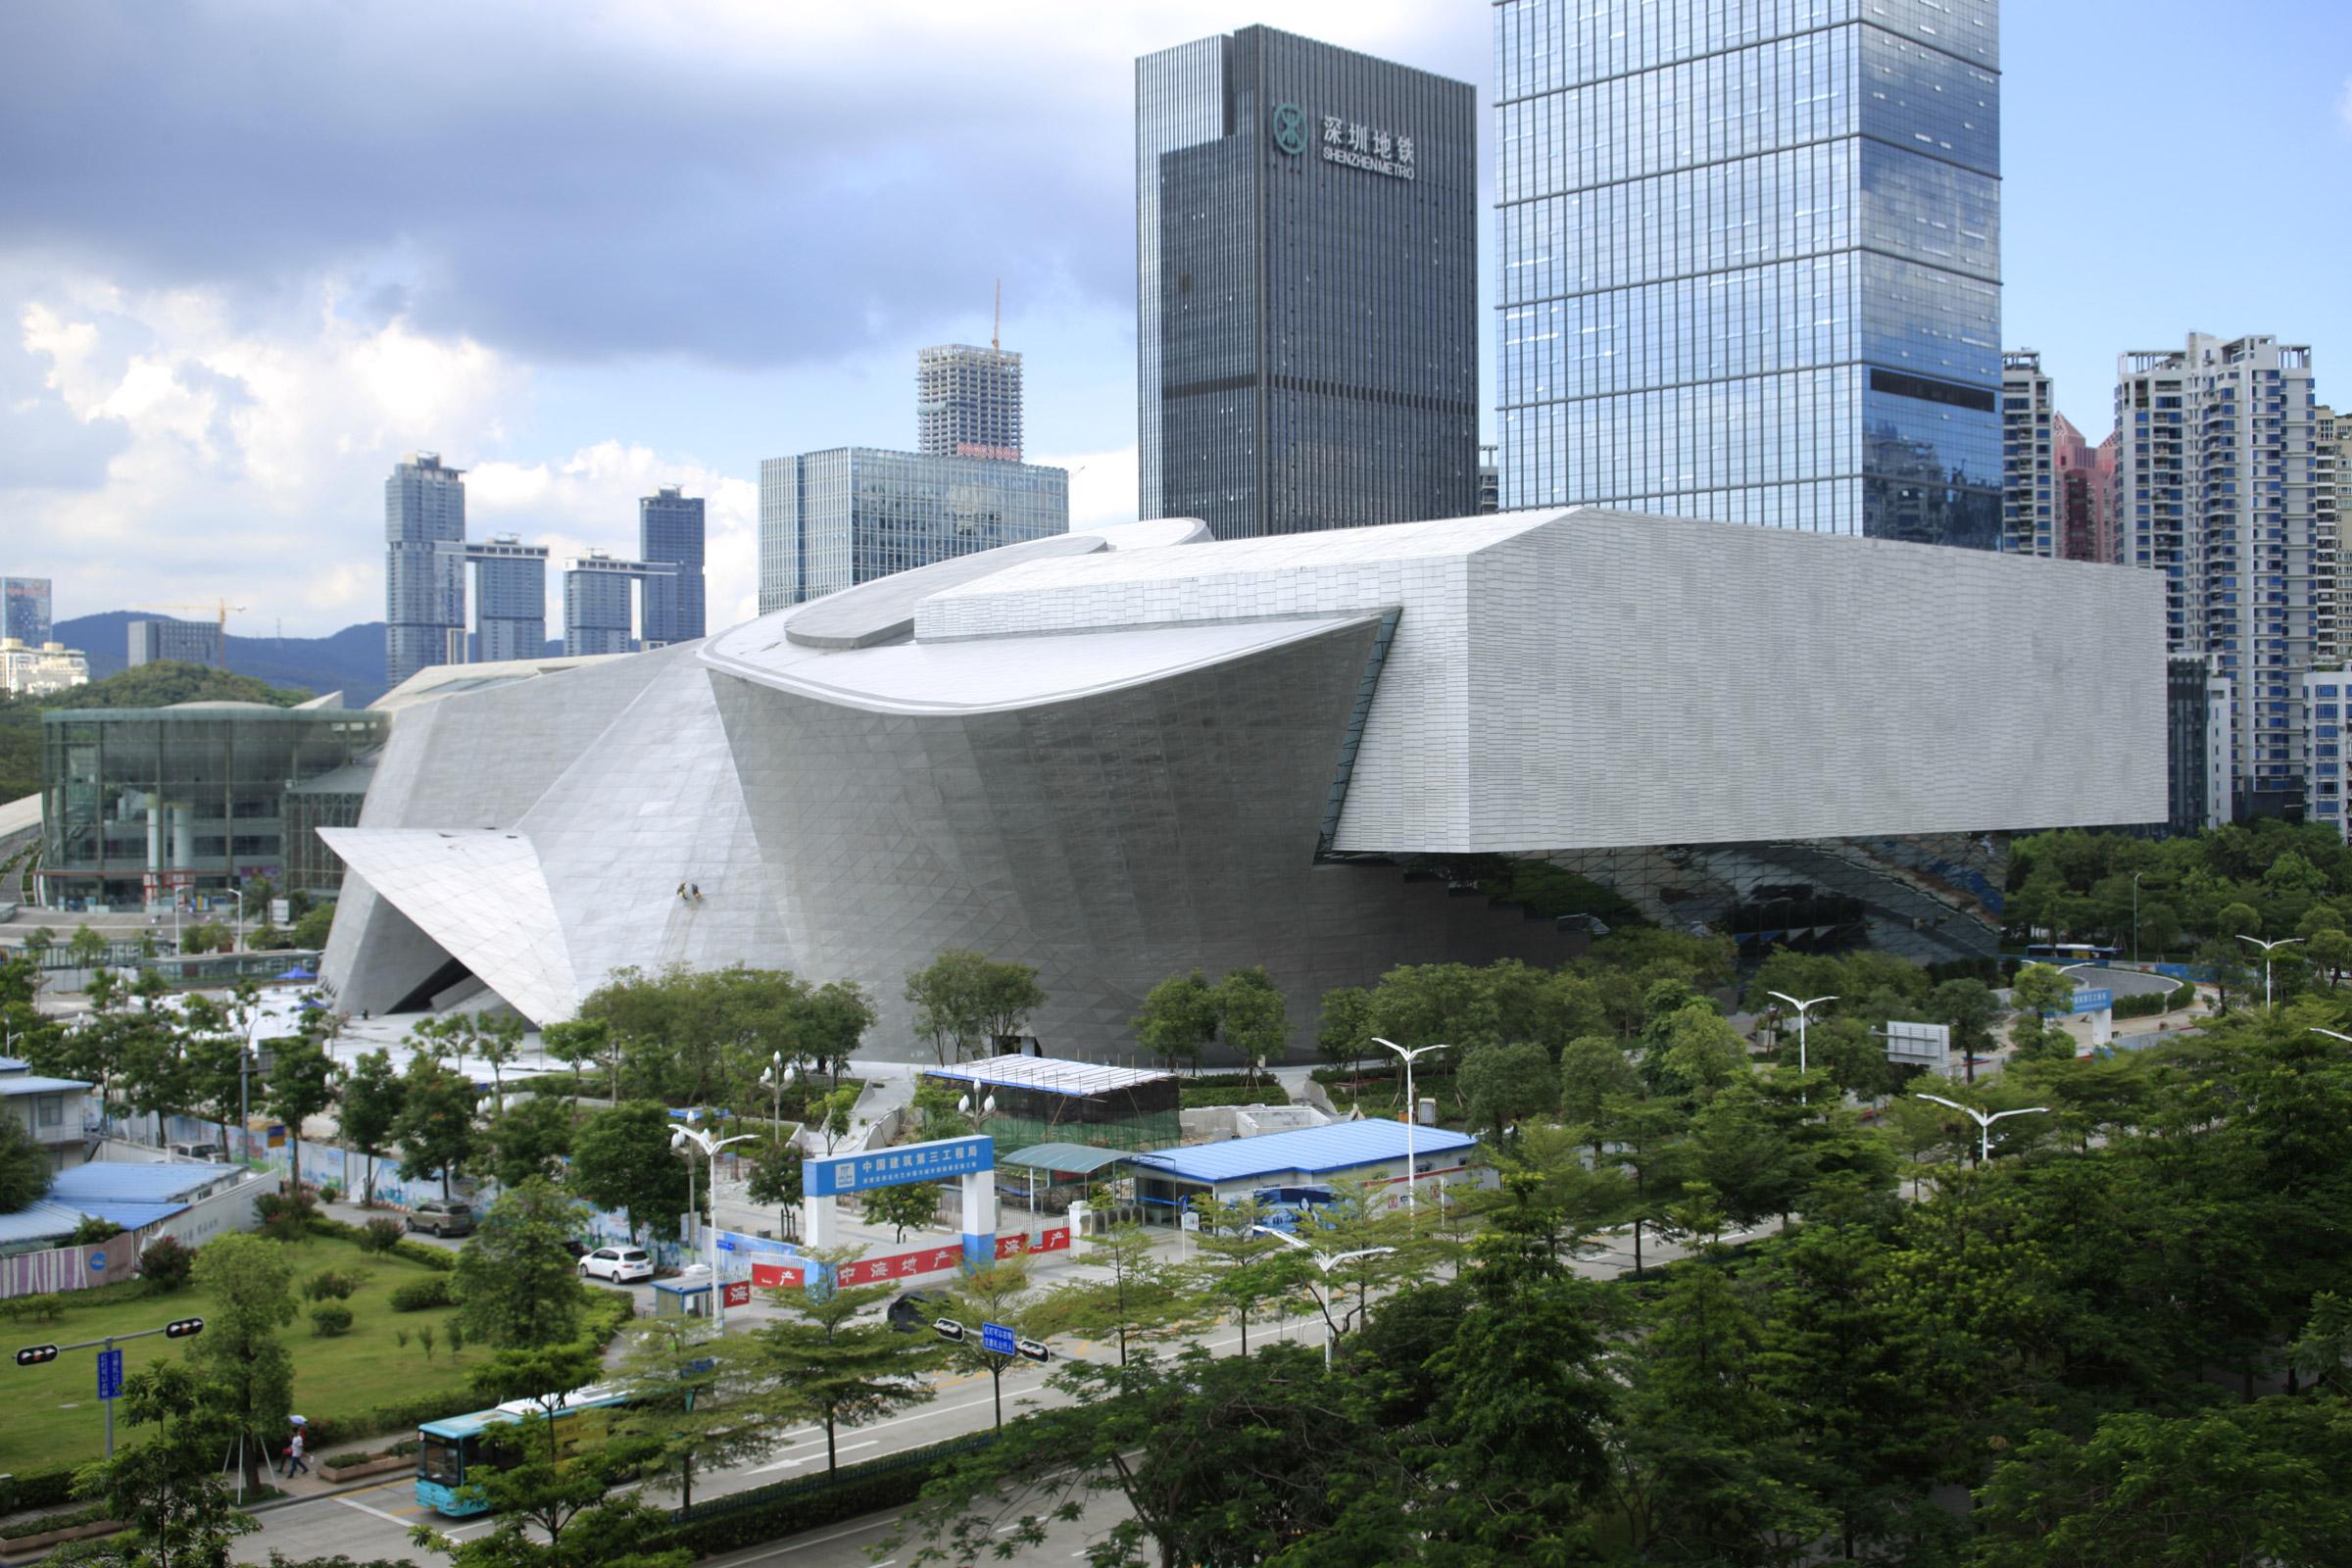 Musée d'Art Contemporain de Shenzhen